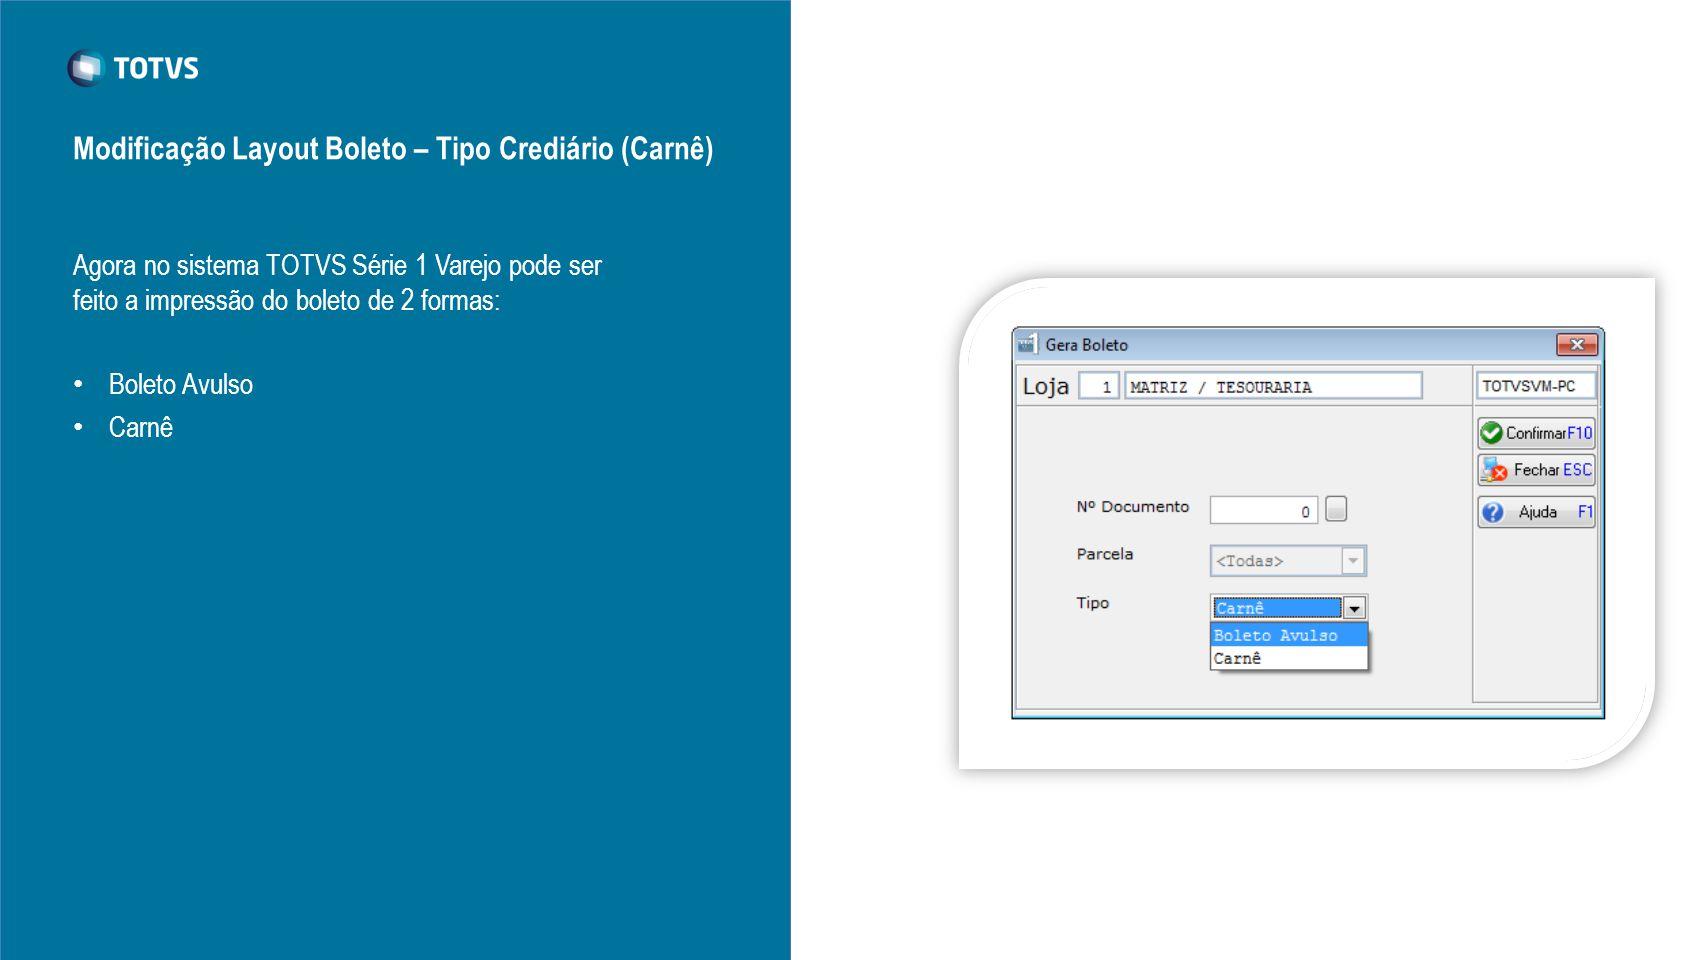 Agora no sistema TOTVS Série 1 Varejo pode ser feito a impressão do boleto de 2 formas: Boleto Avulso Carnê Modificação Layout Boleto – Tipo Crediário